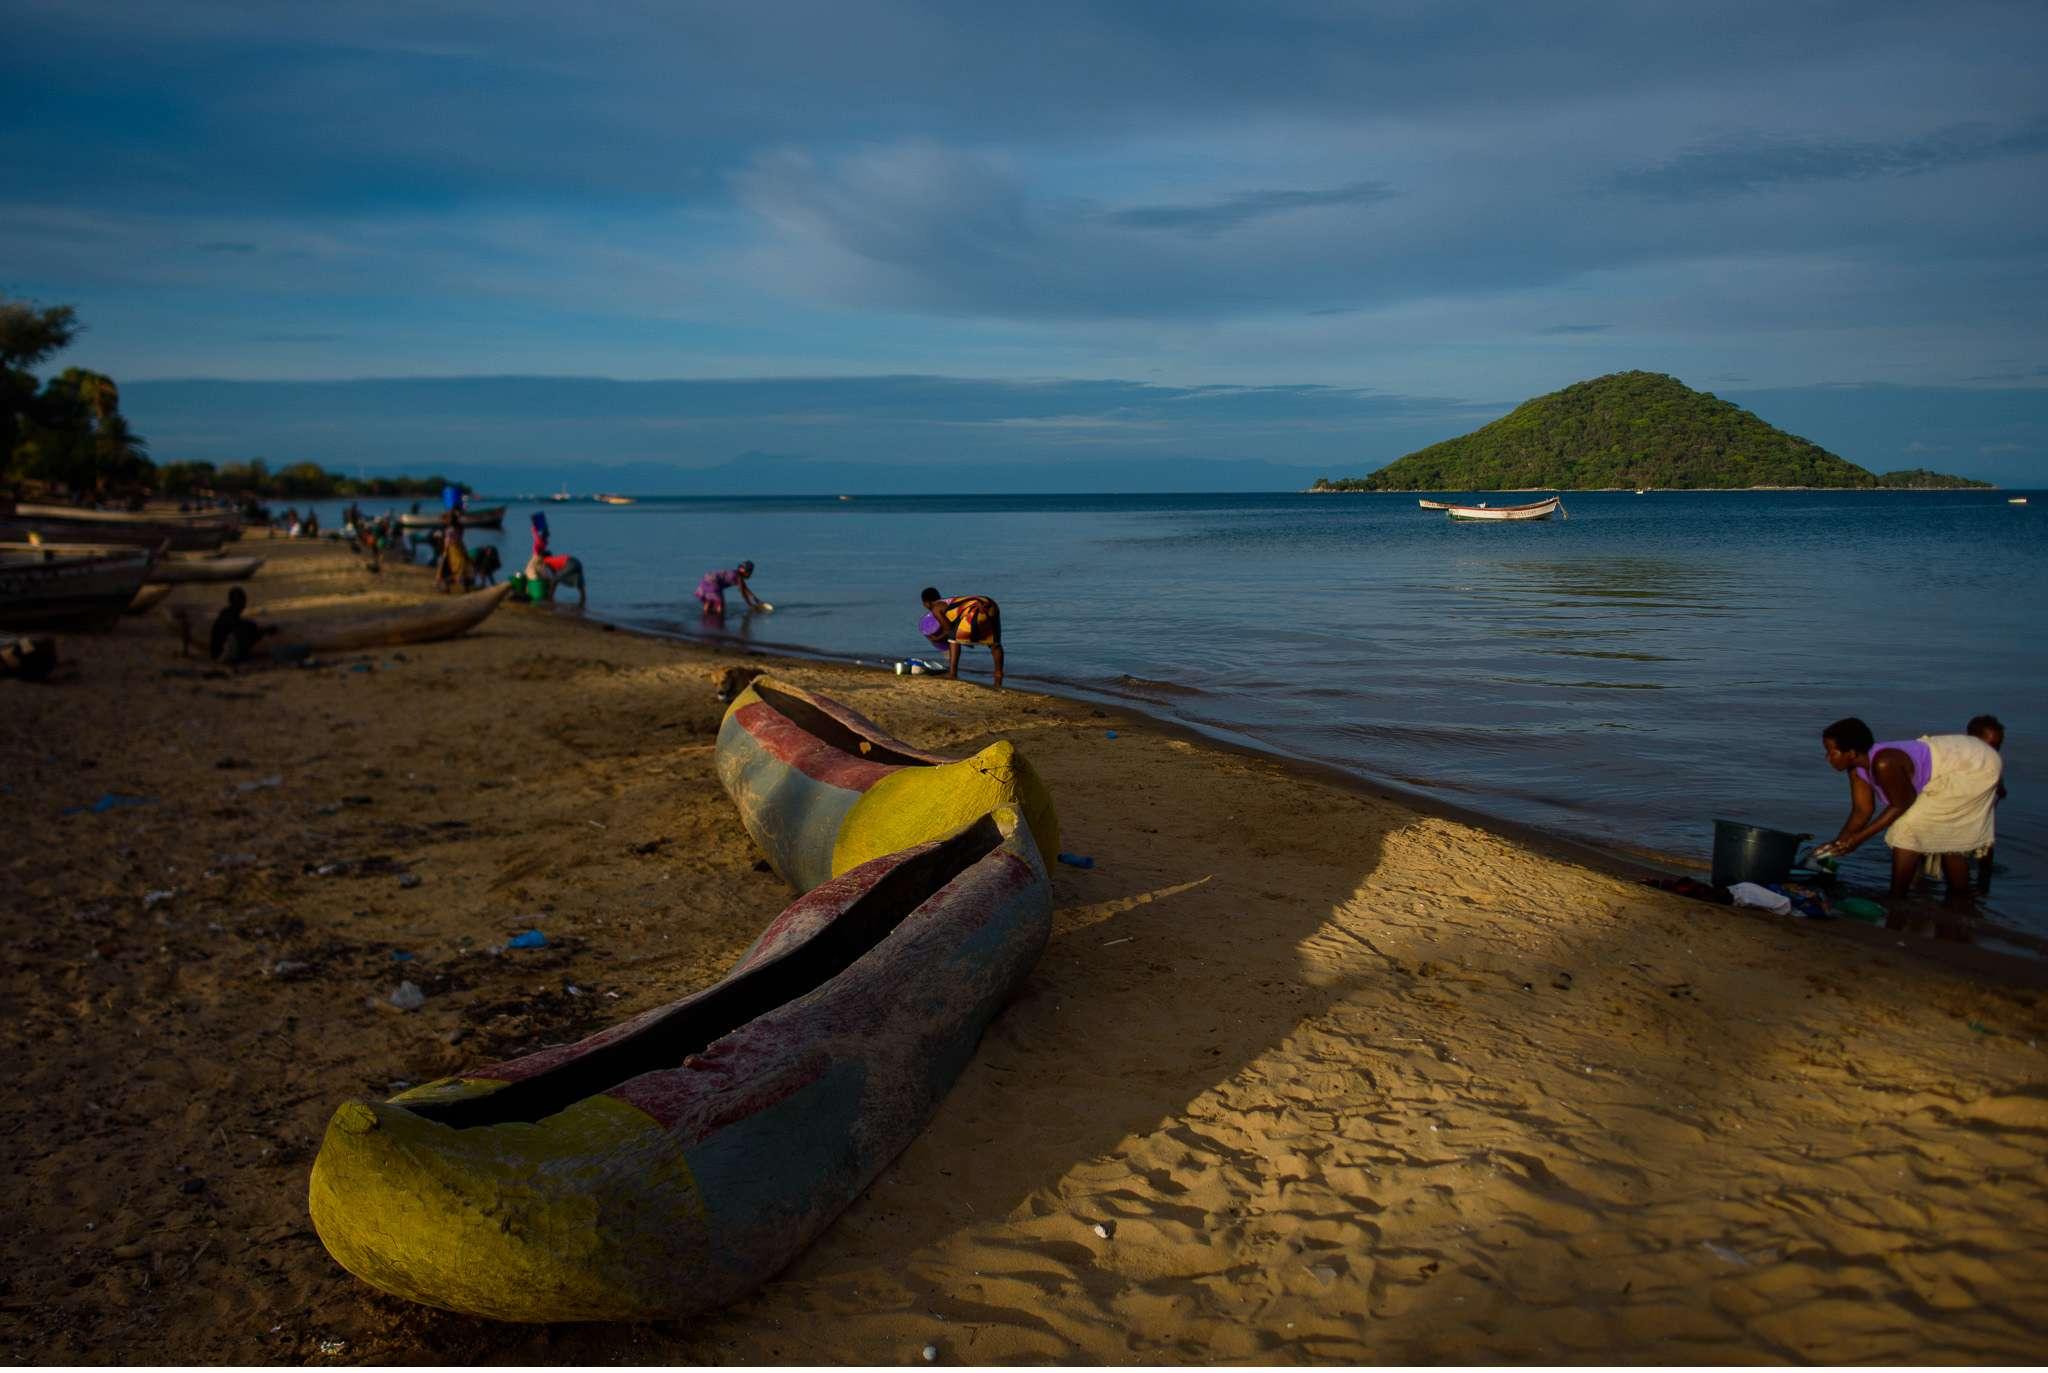 Malawi-Quer durch Afrika- Geschichten von unterwegs by Marion and Daniel-60